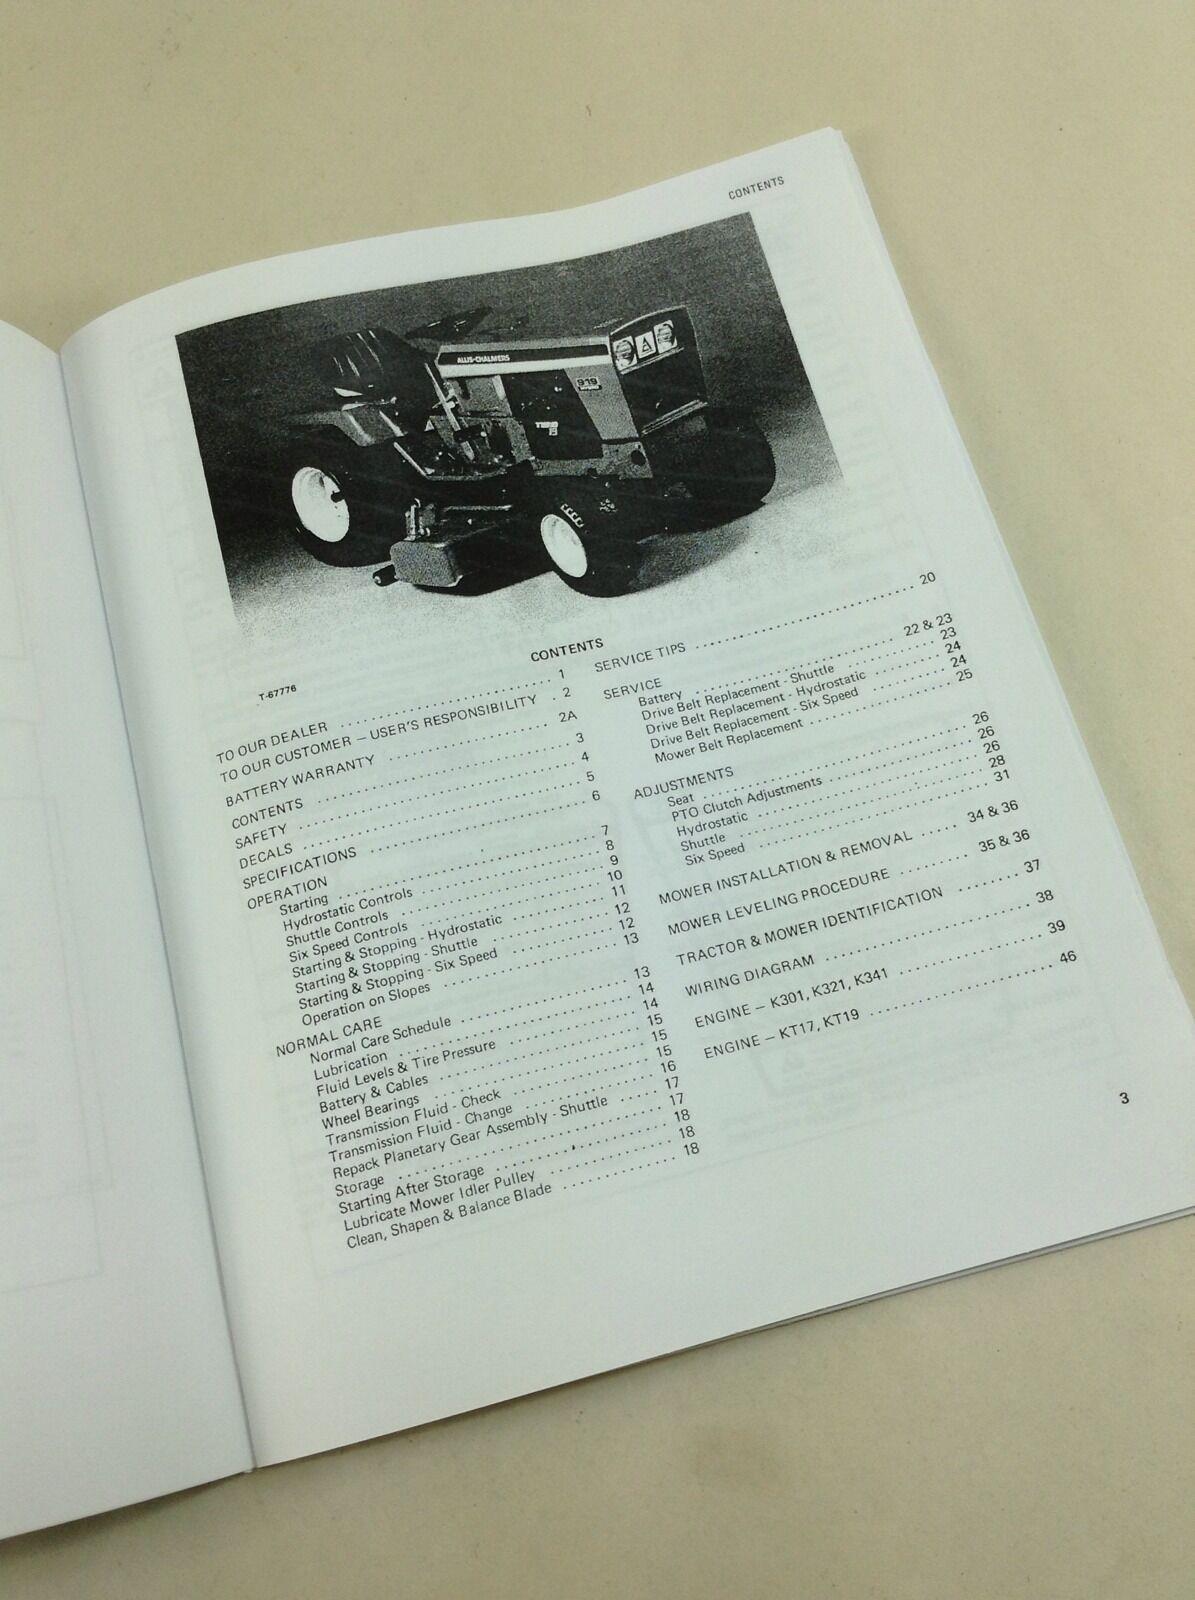 deutz 914 wiring diagram 1997 ford escort and allis chalmers 914s 914h 916h 917h 919h lawn garden